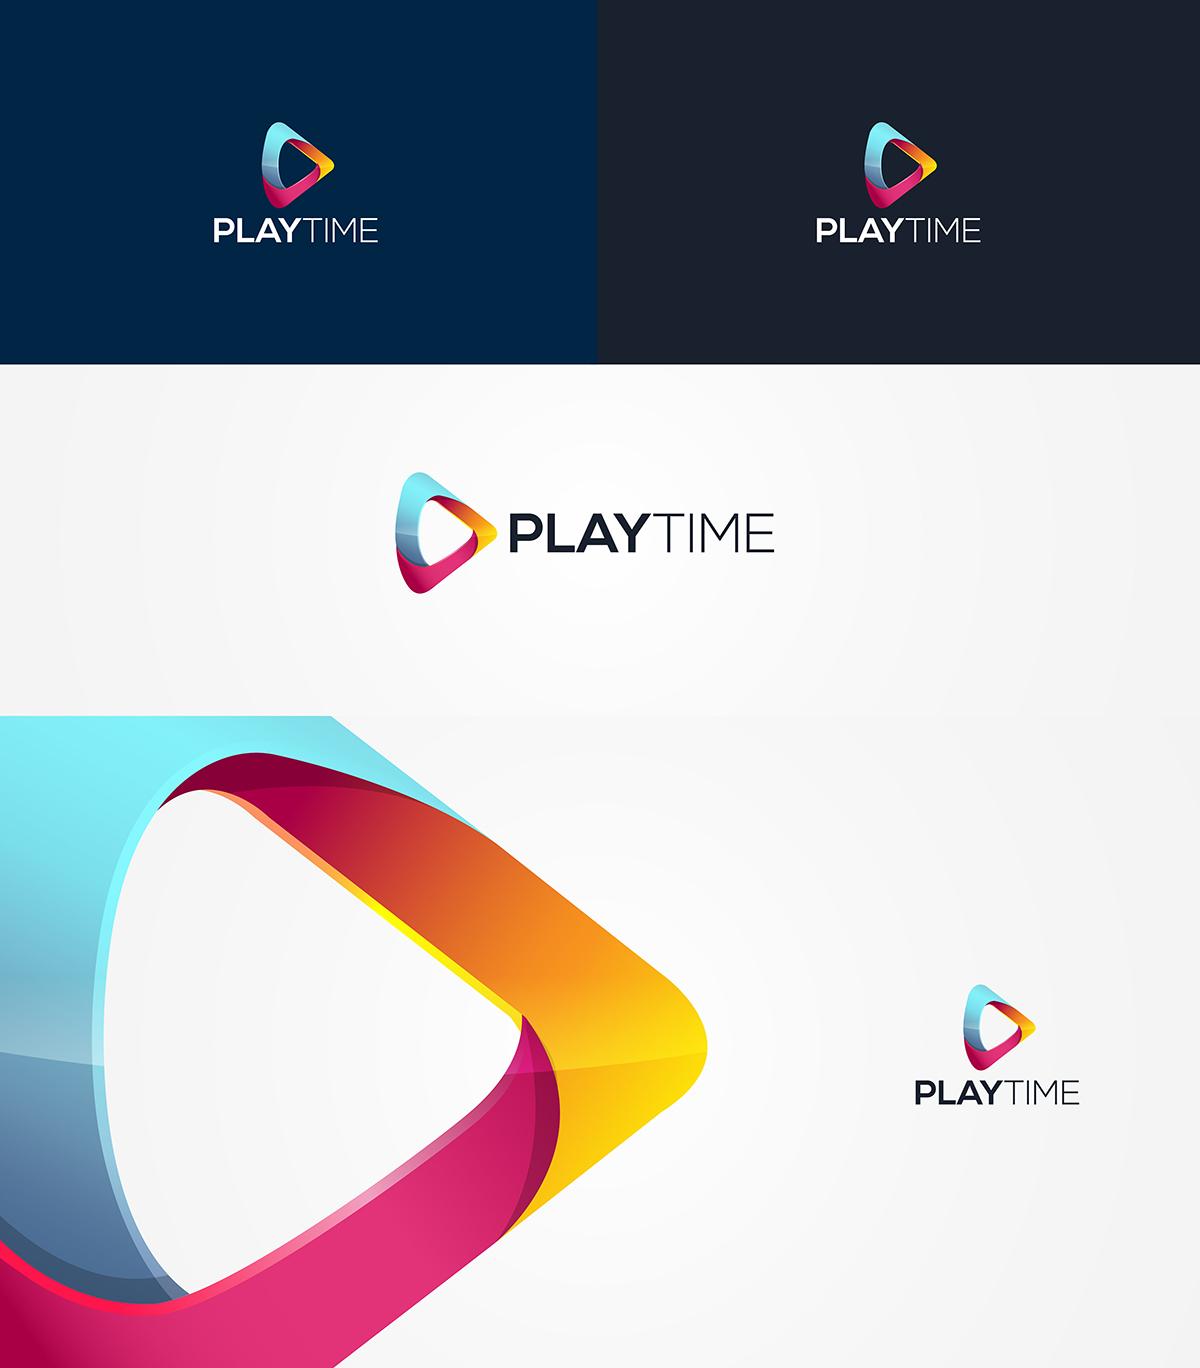 elegant playful digital logo design for playtime